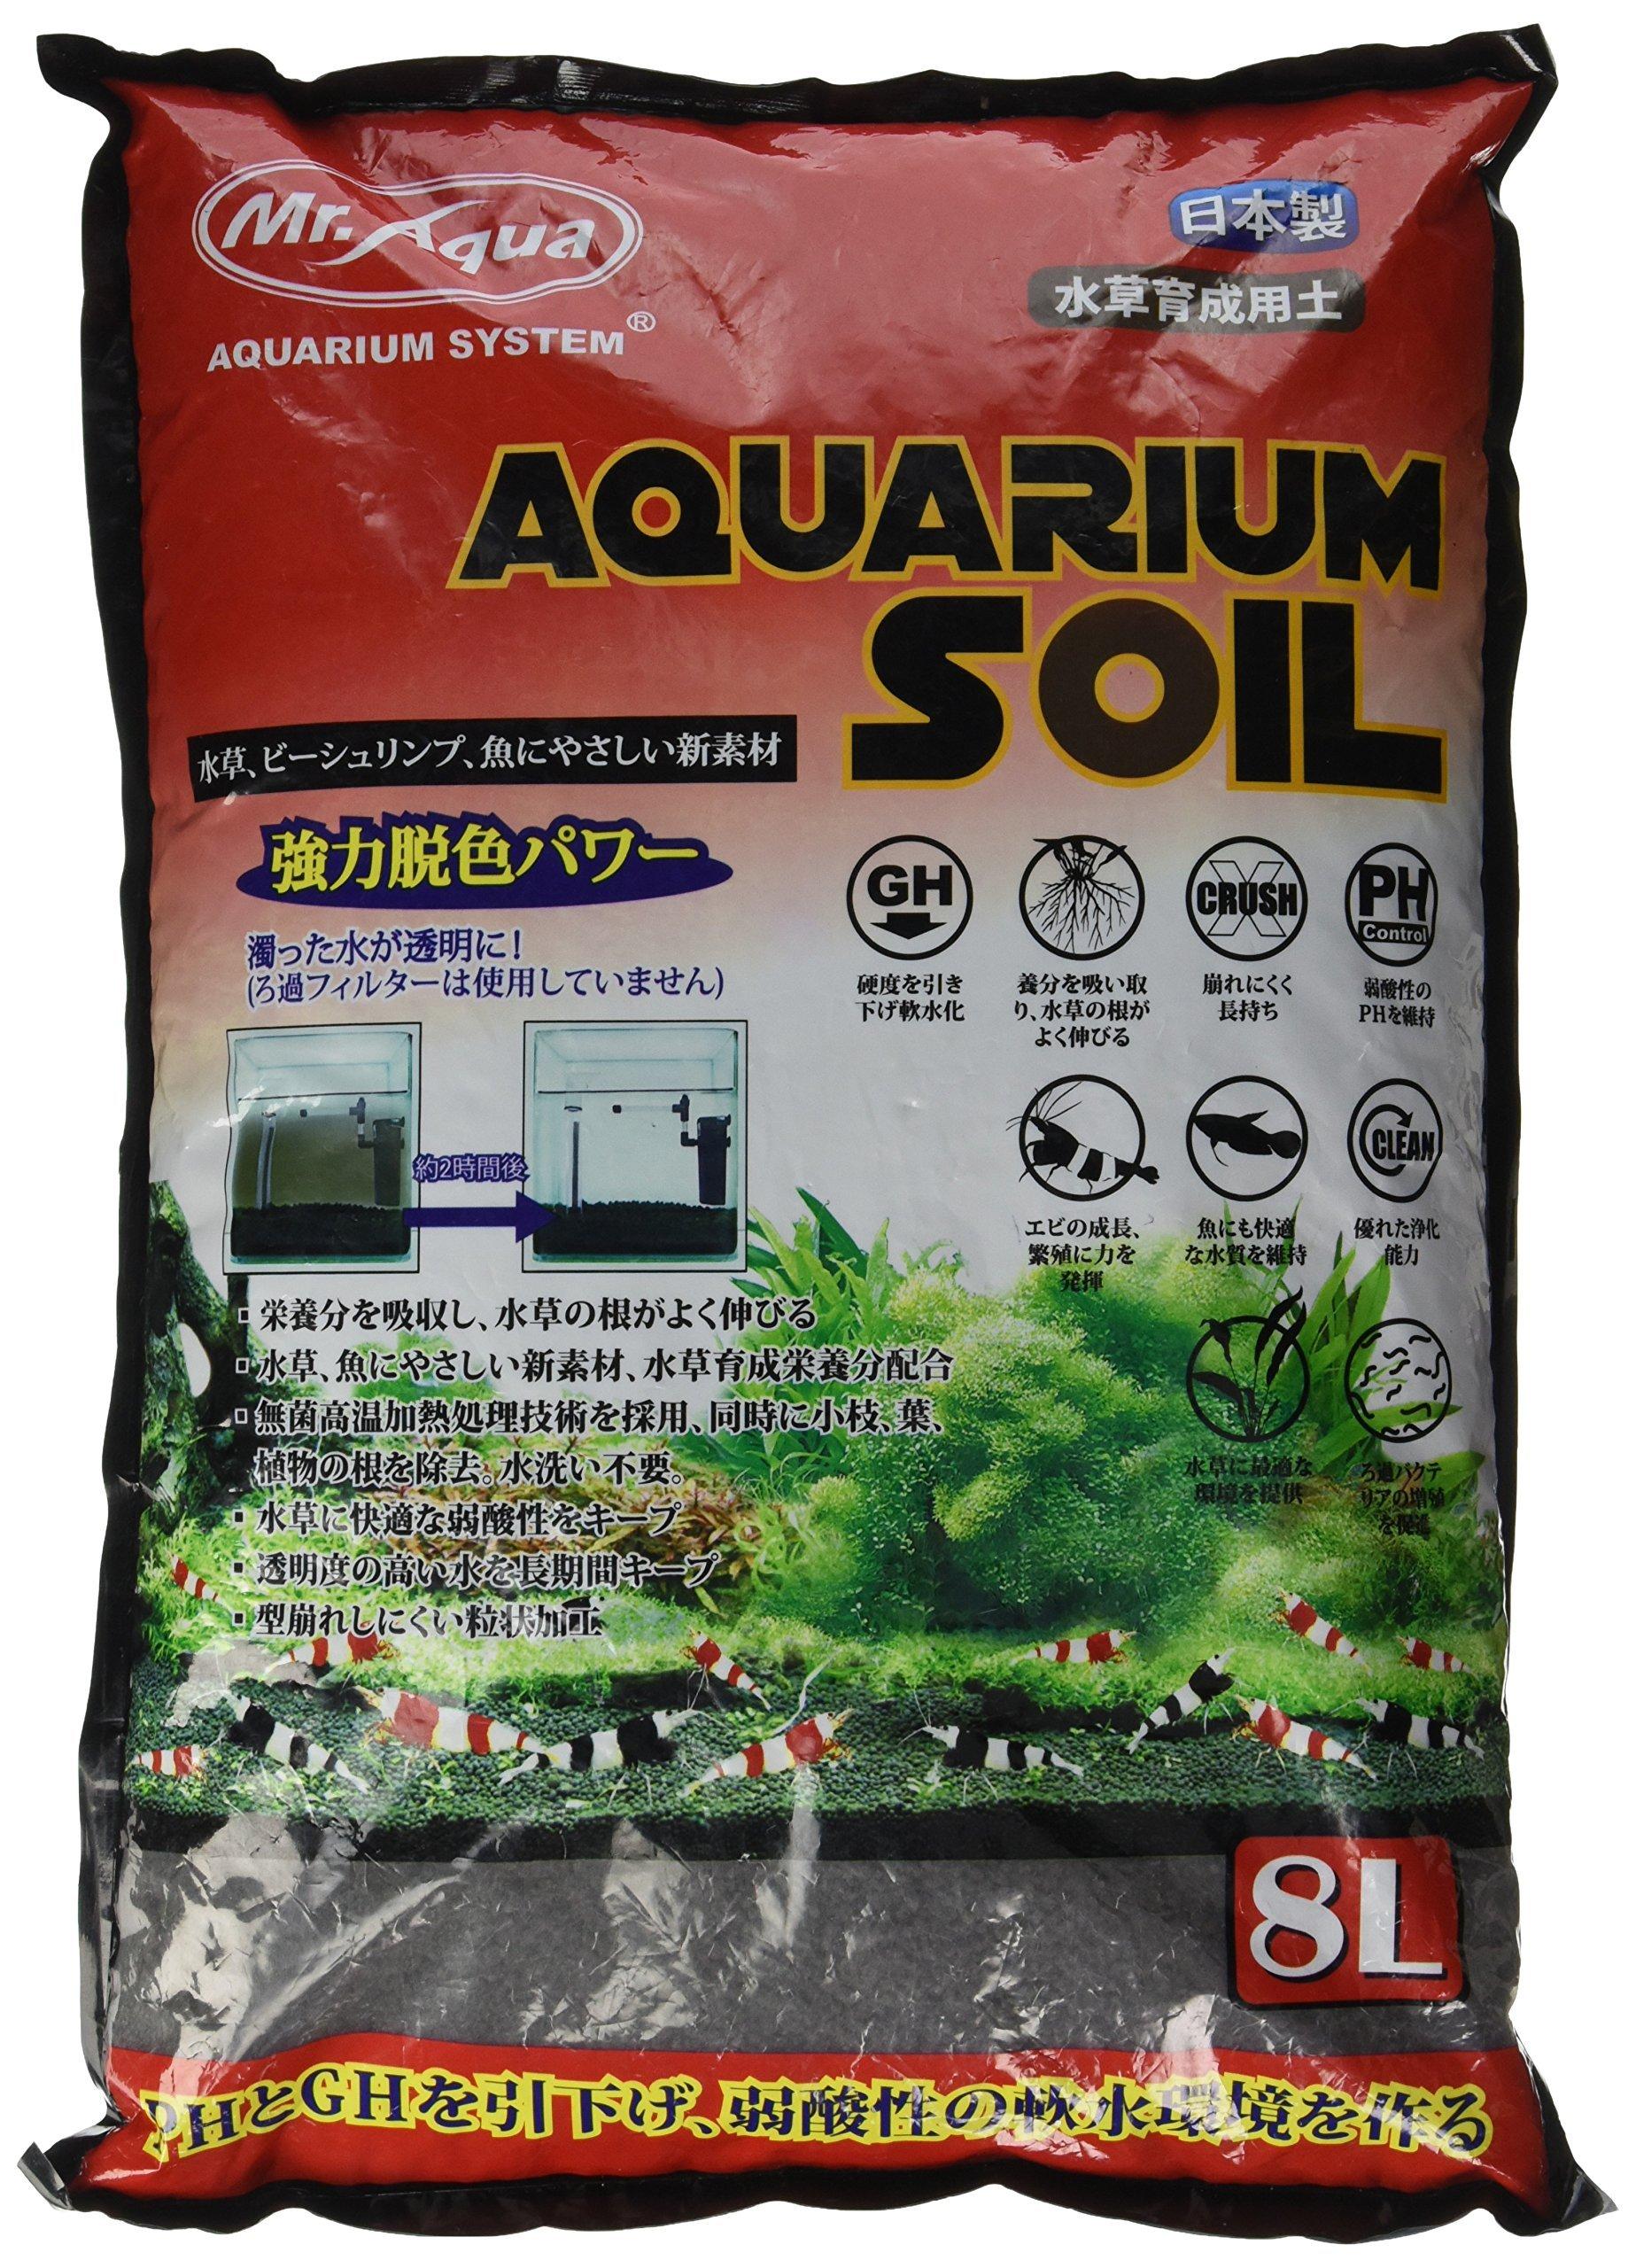 Mr. Aqua N-MAR-067 8 L Course Pet Habitat Water Plant Soil by Mr. Aqua